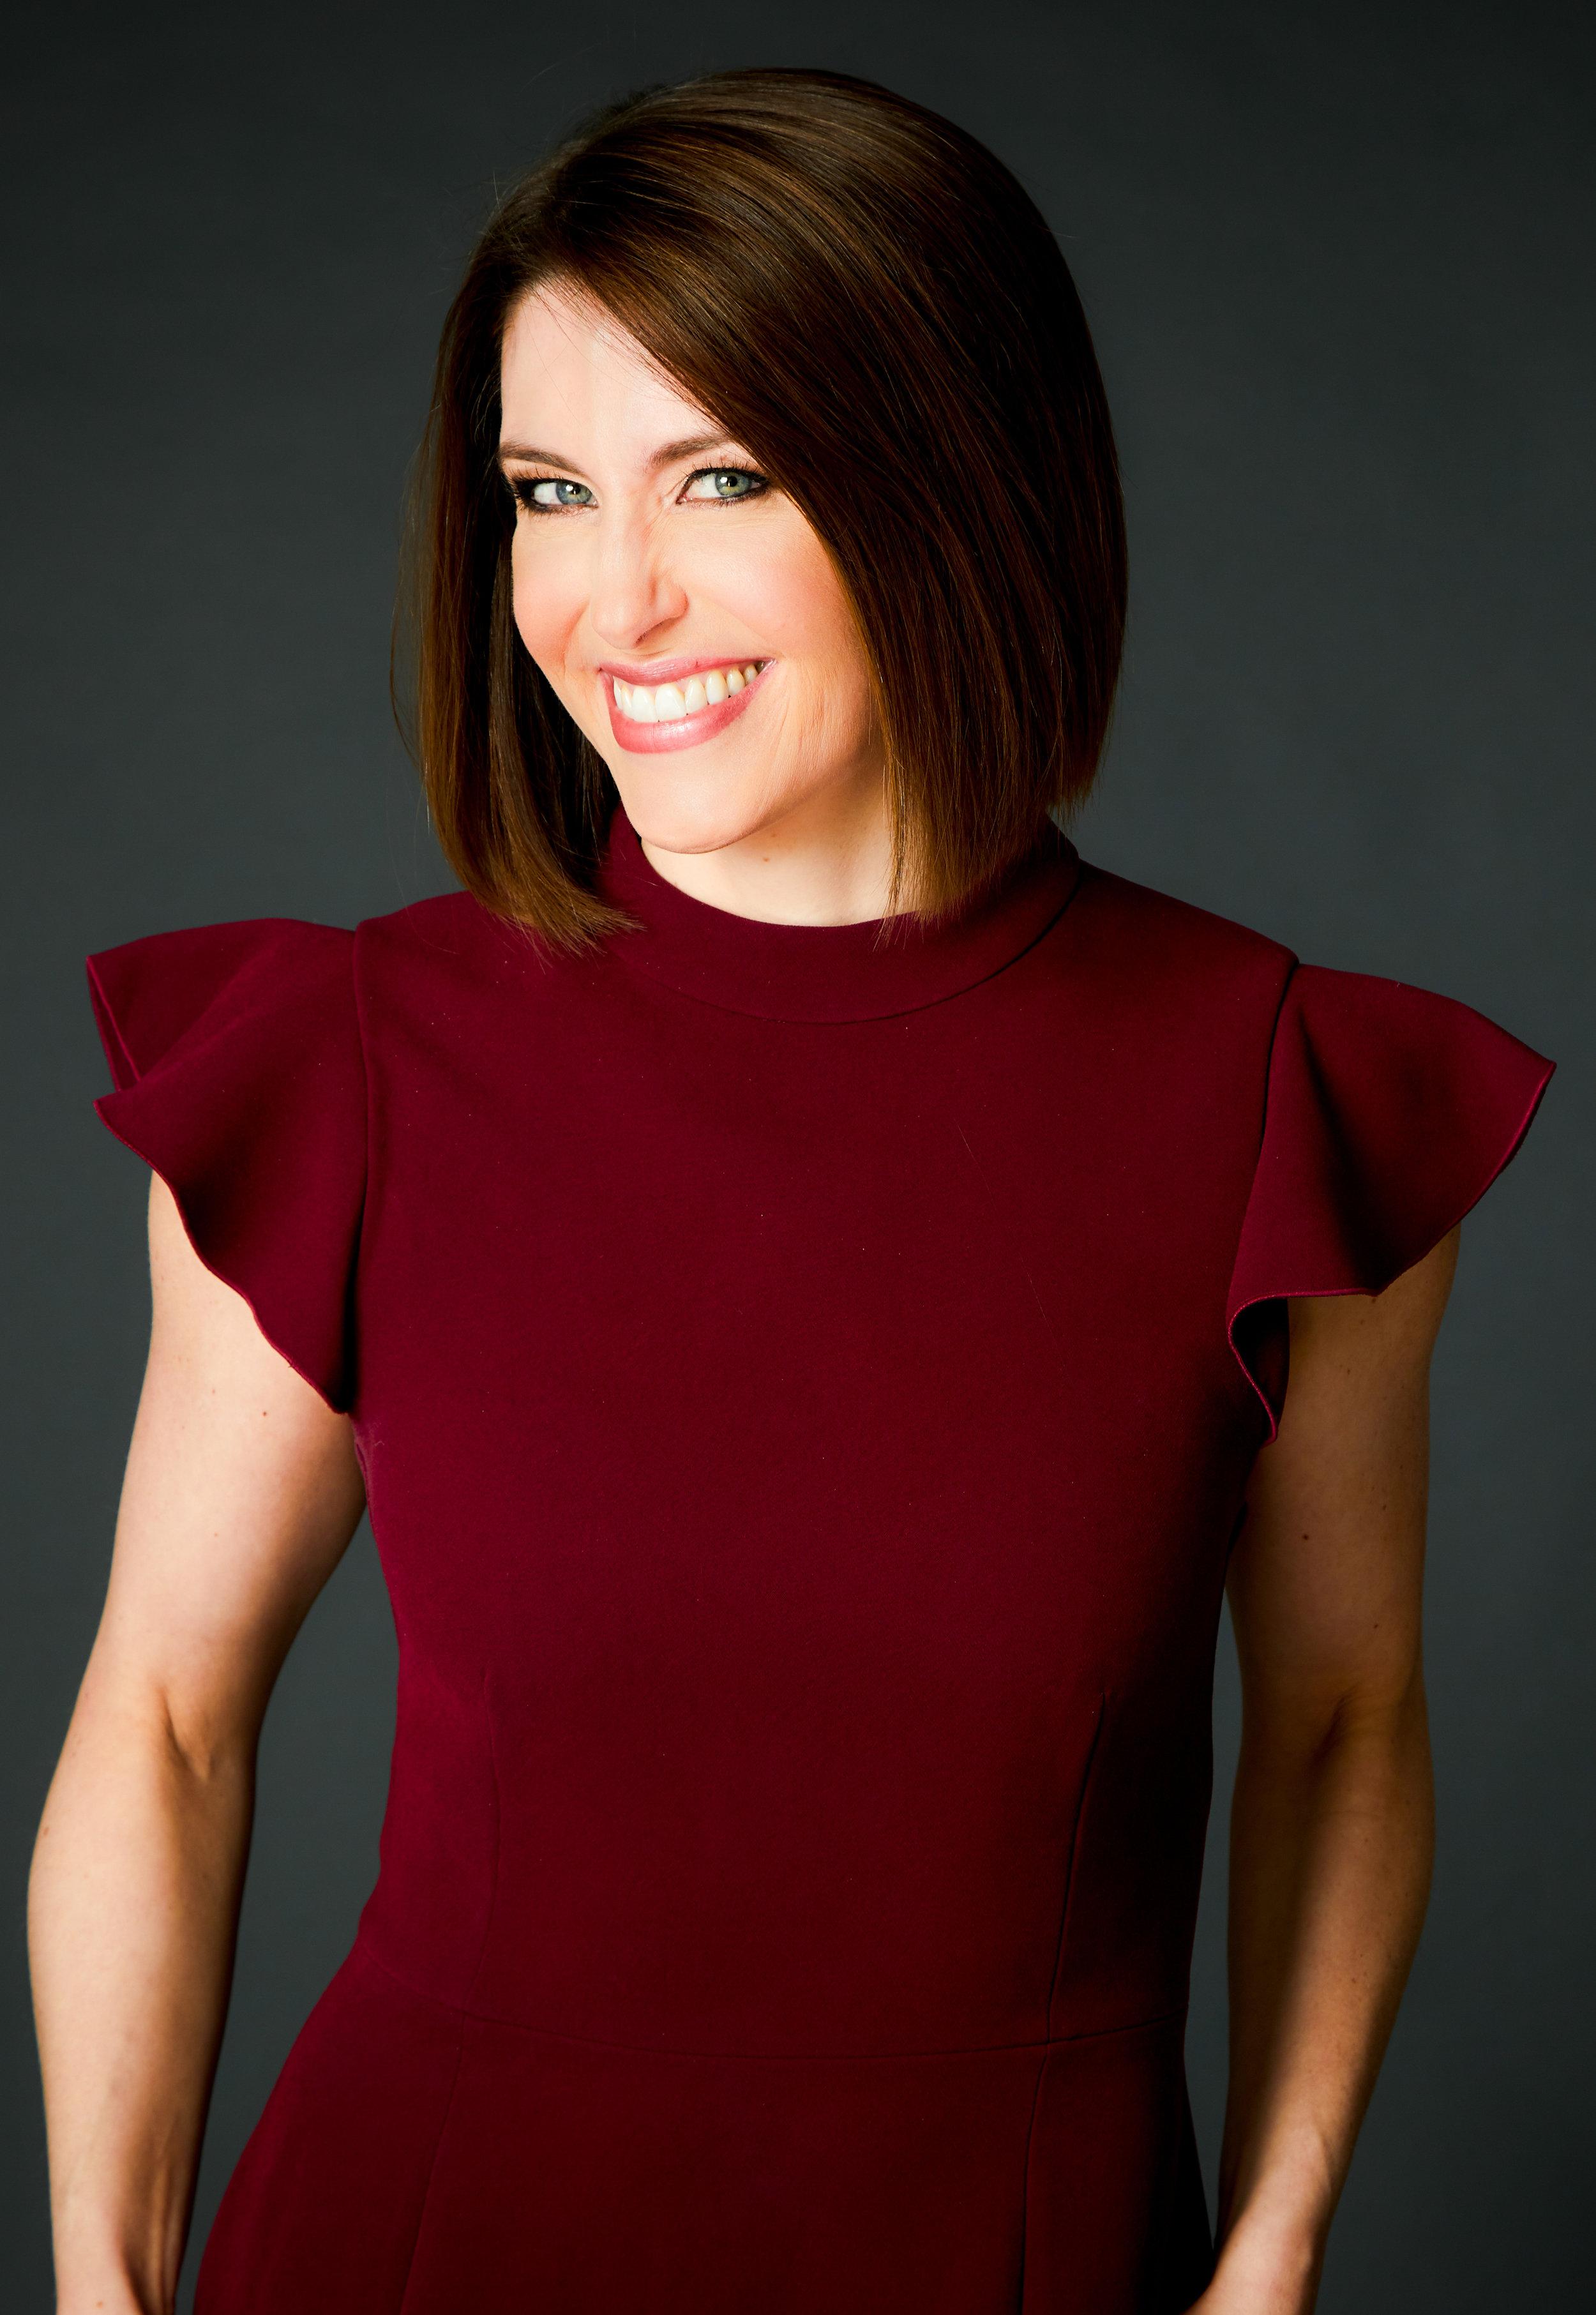 Shelly Slater - Shelly Slater Strategies, FounderInstagram: @shellyslatertv